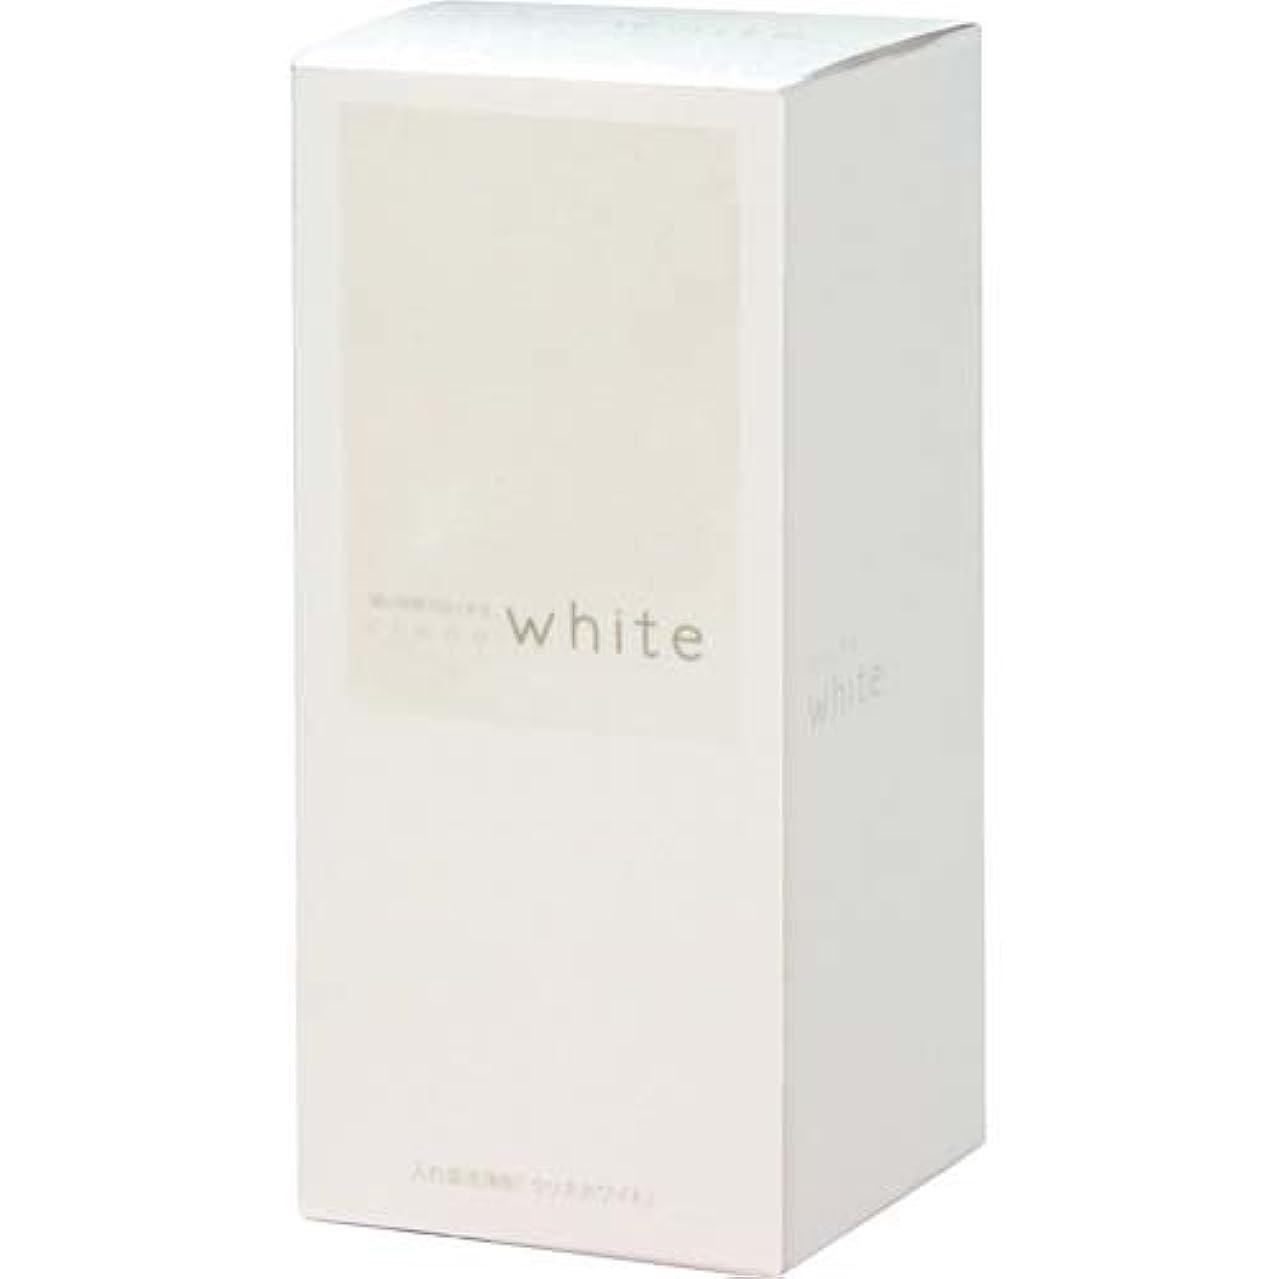 寄生虫寛大な哲学者短い時間で白くする 強力入れ歯洗浄剤 クリネホワイト